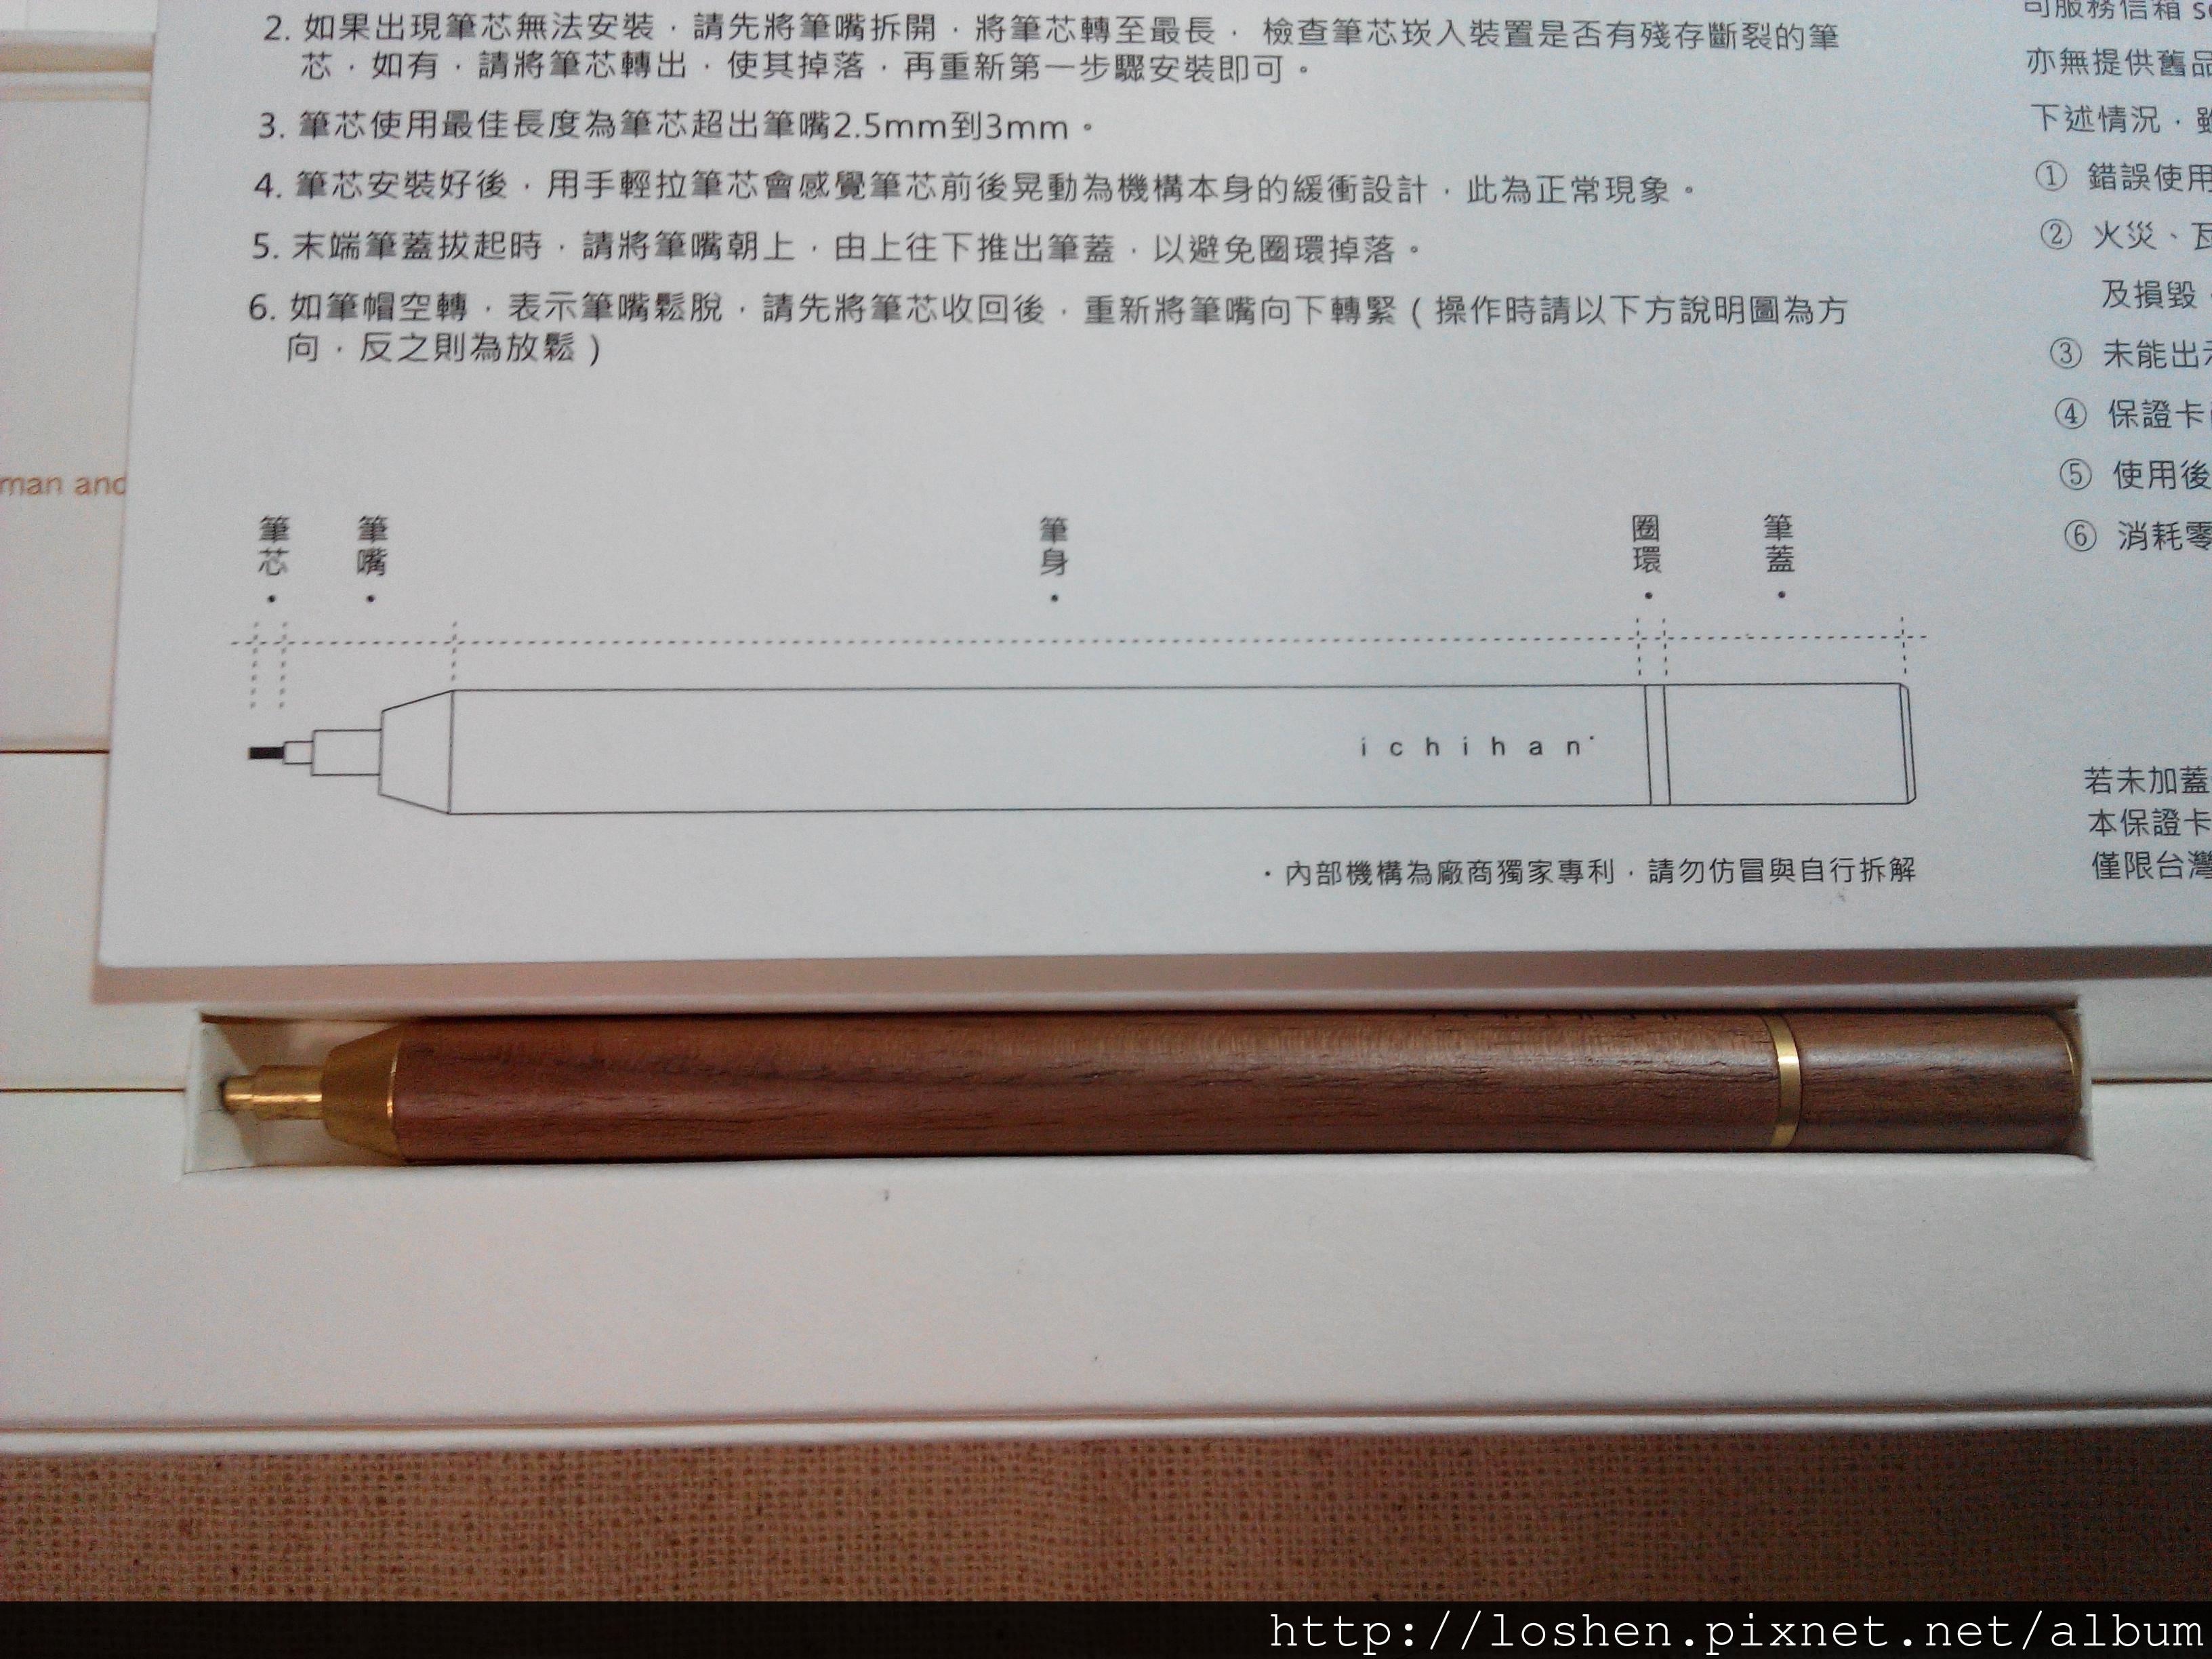 旋轉自動鉛筆